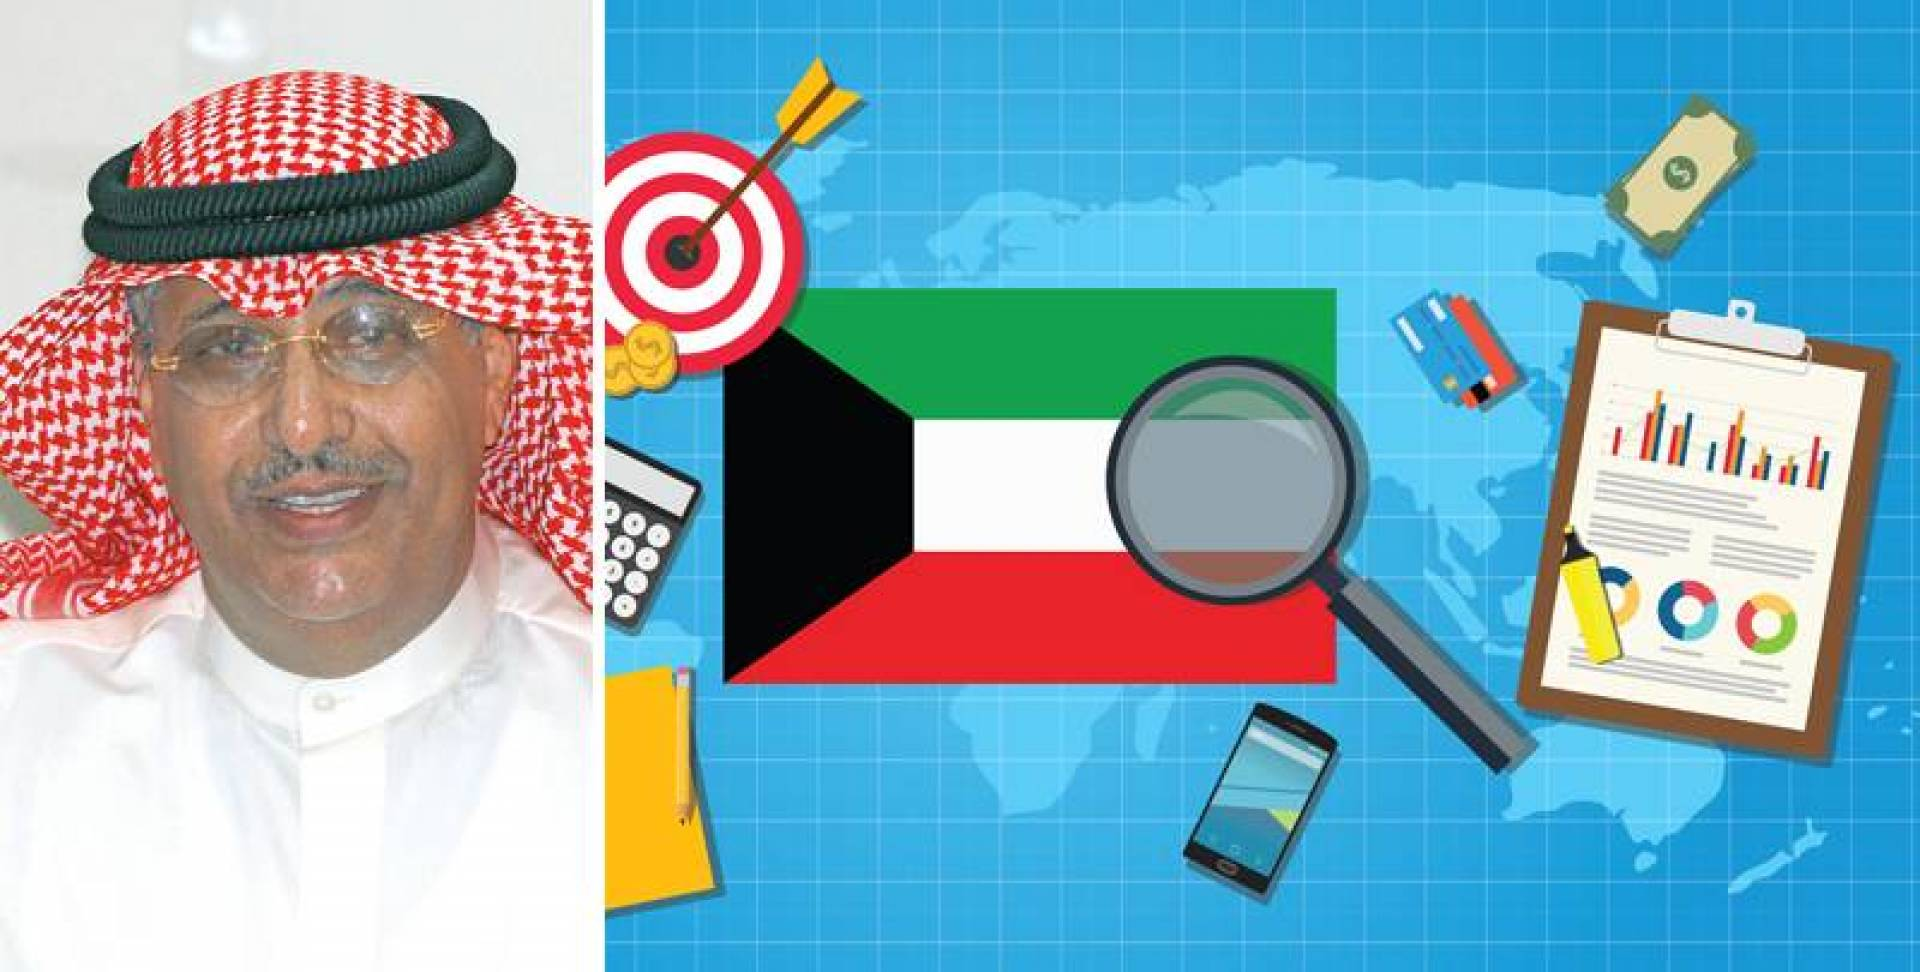 الكويت تقفز 8 مراكز في مؤشر التنافسية